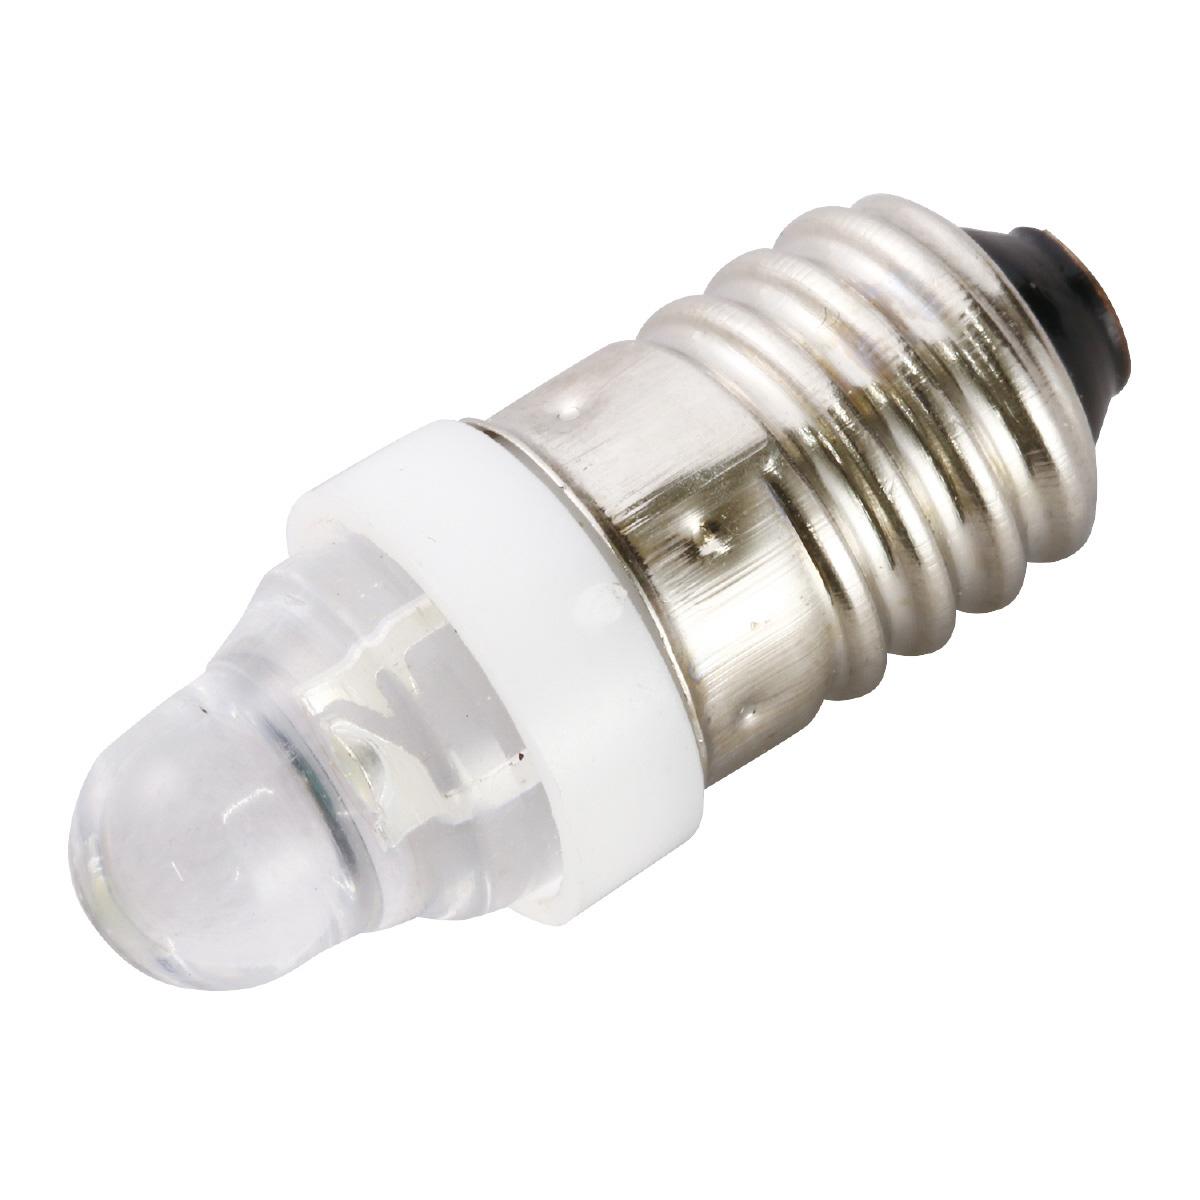 低電圧LED電球 科学工作 学習教材 学習